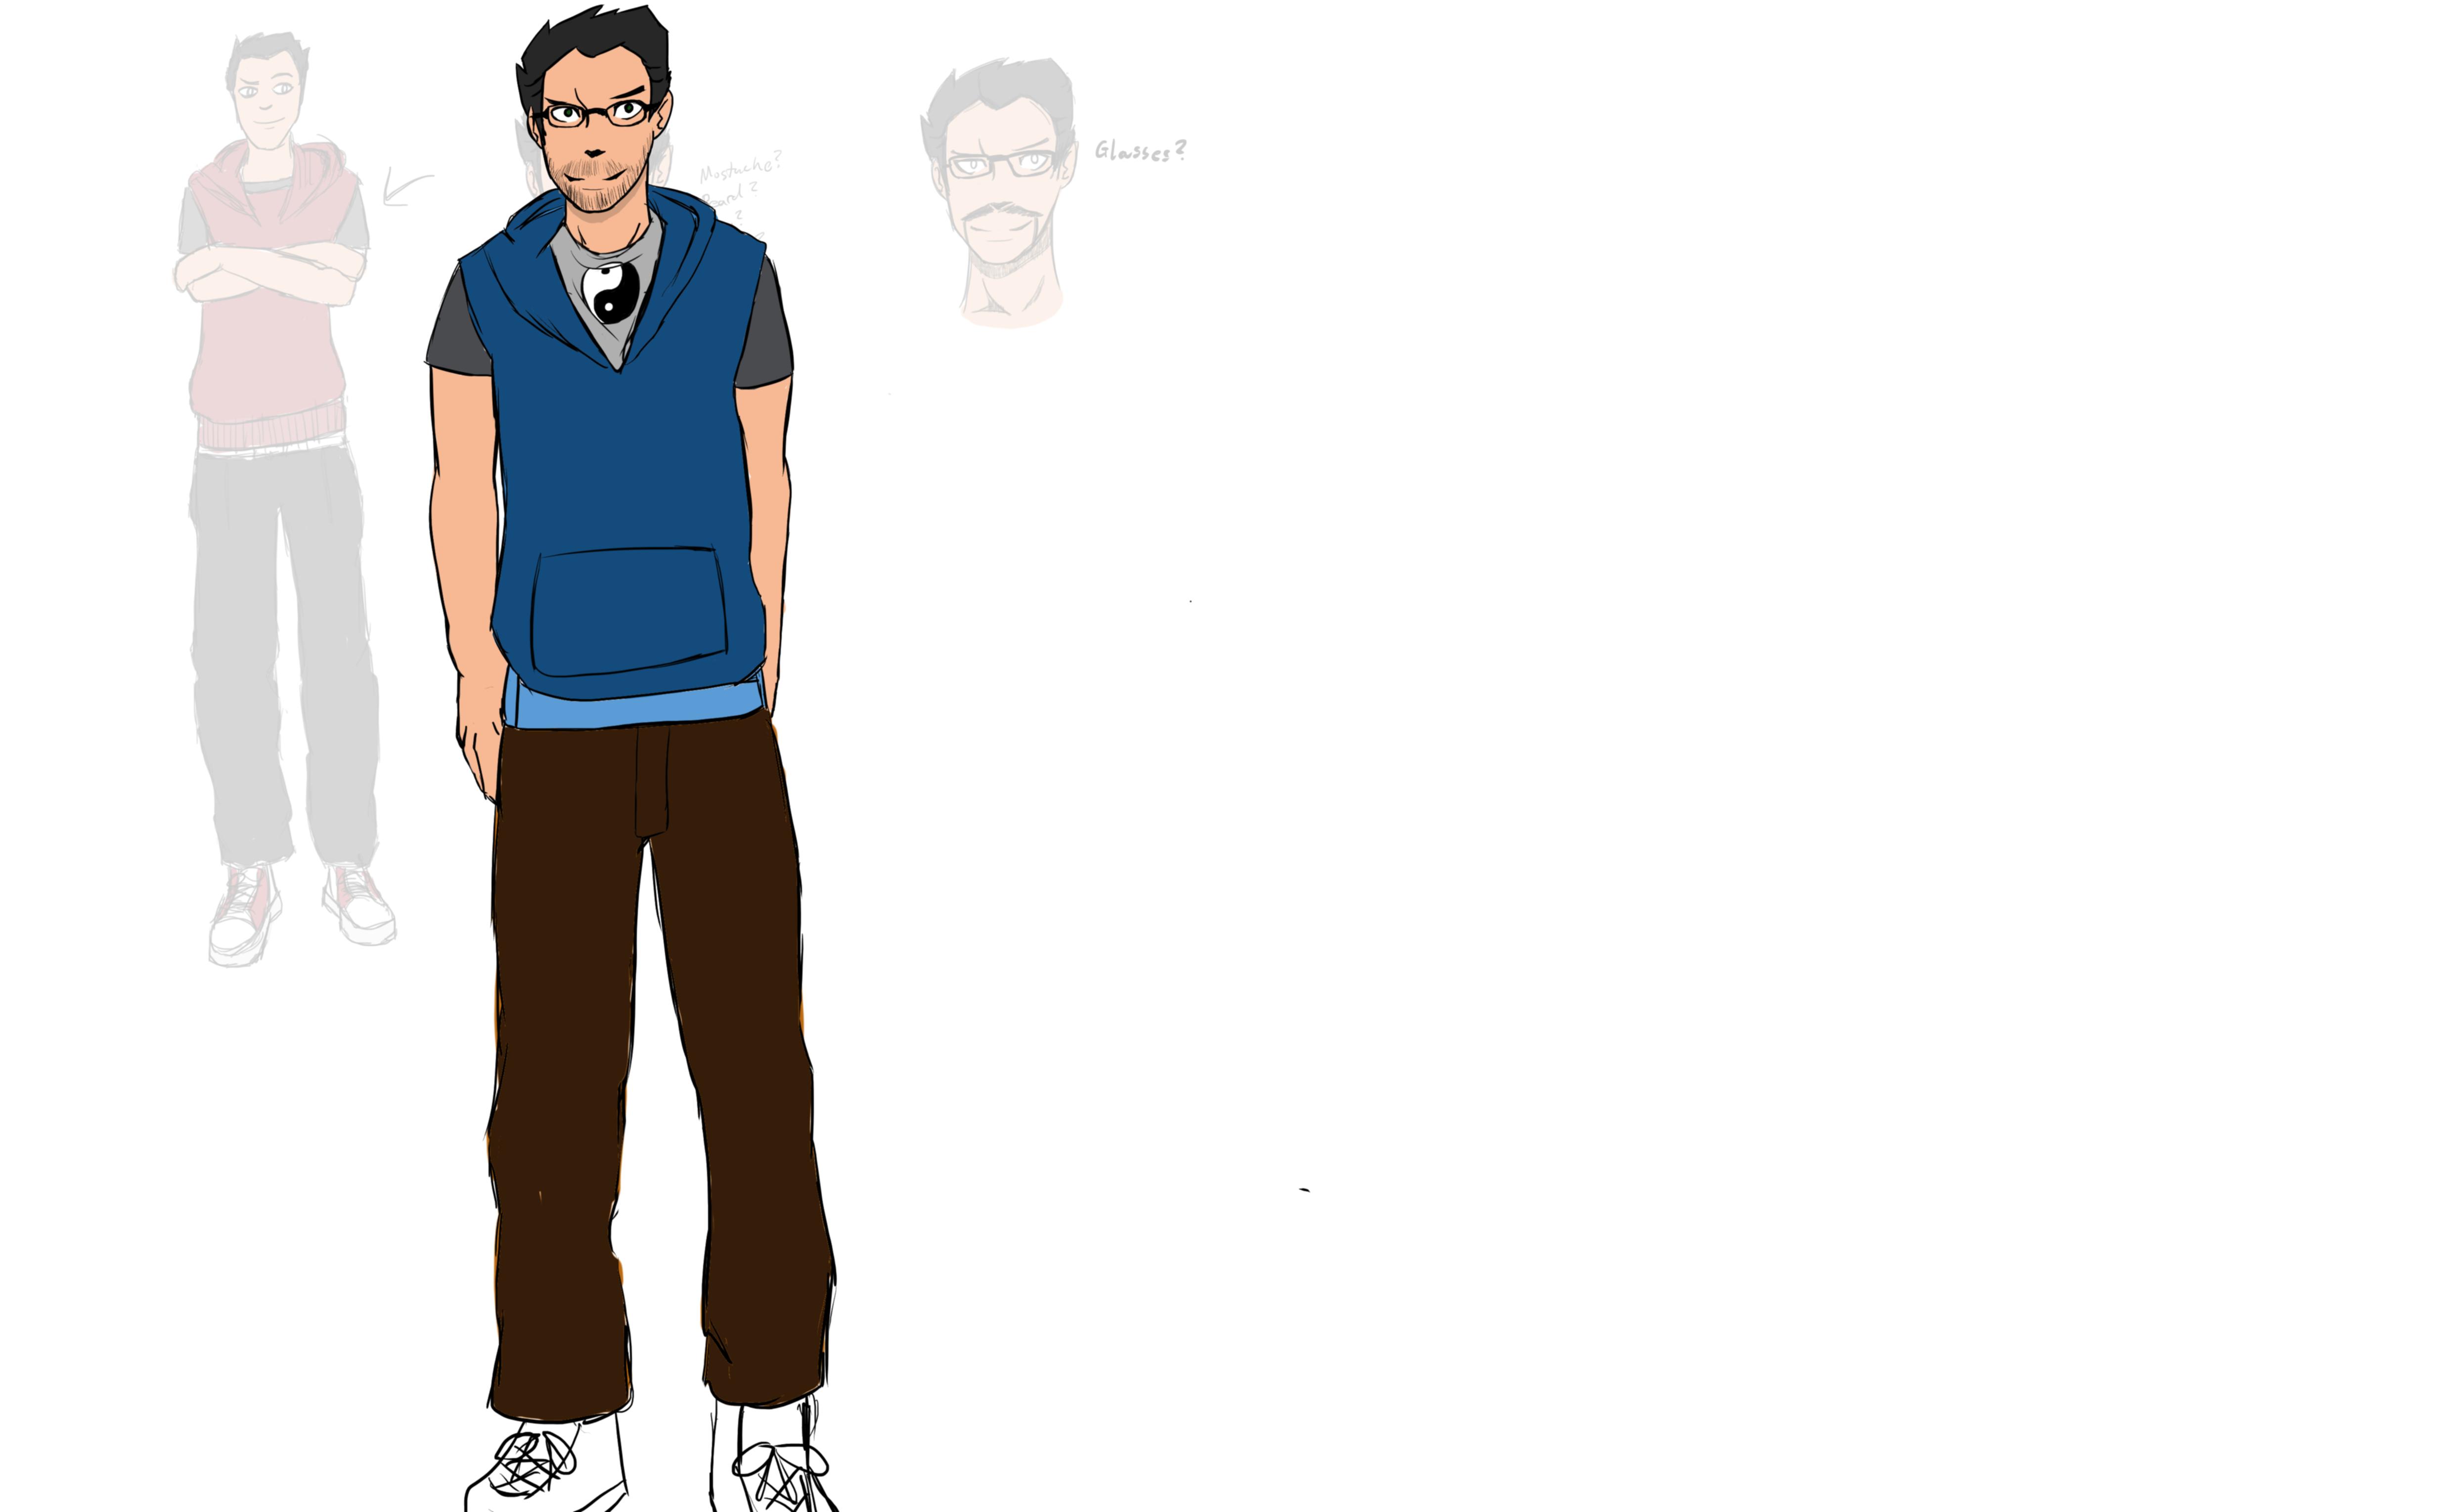 Chris Concept 3